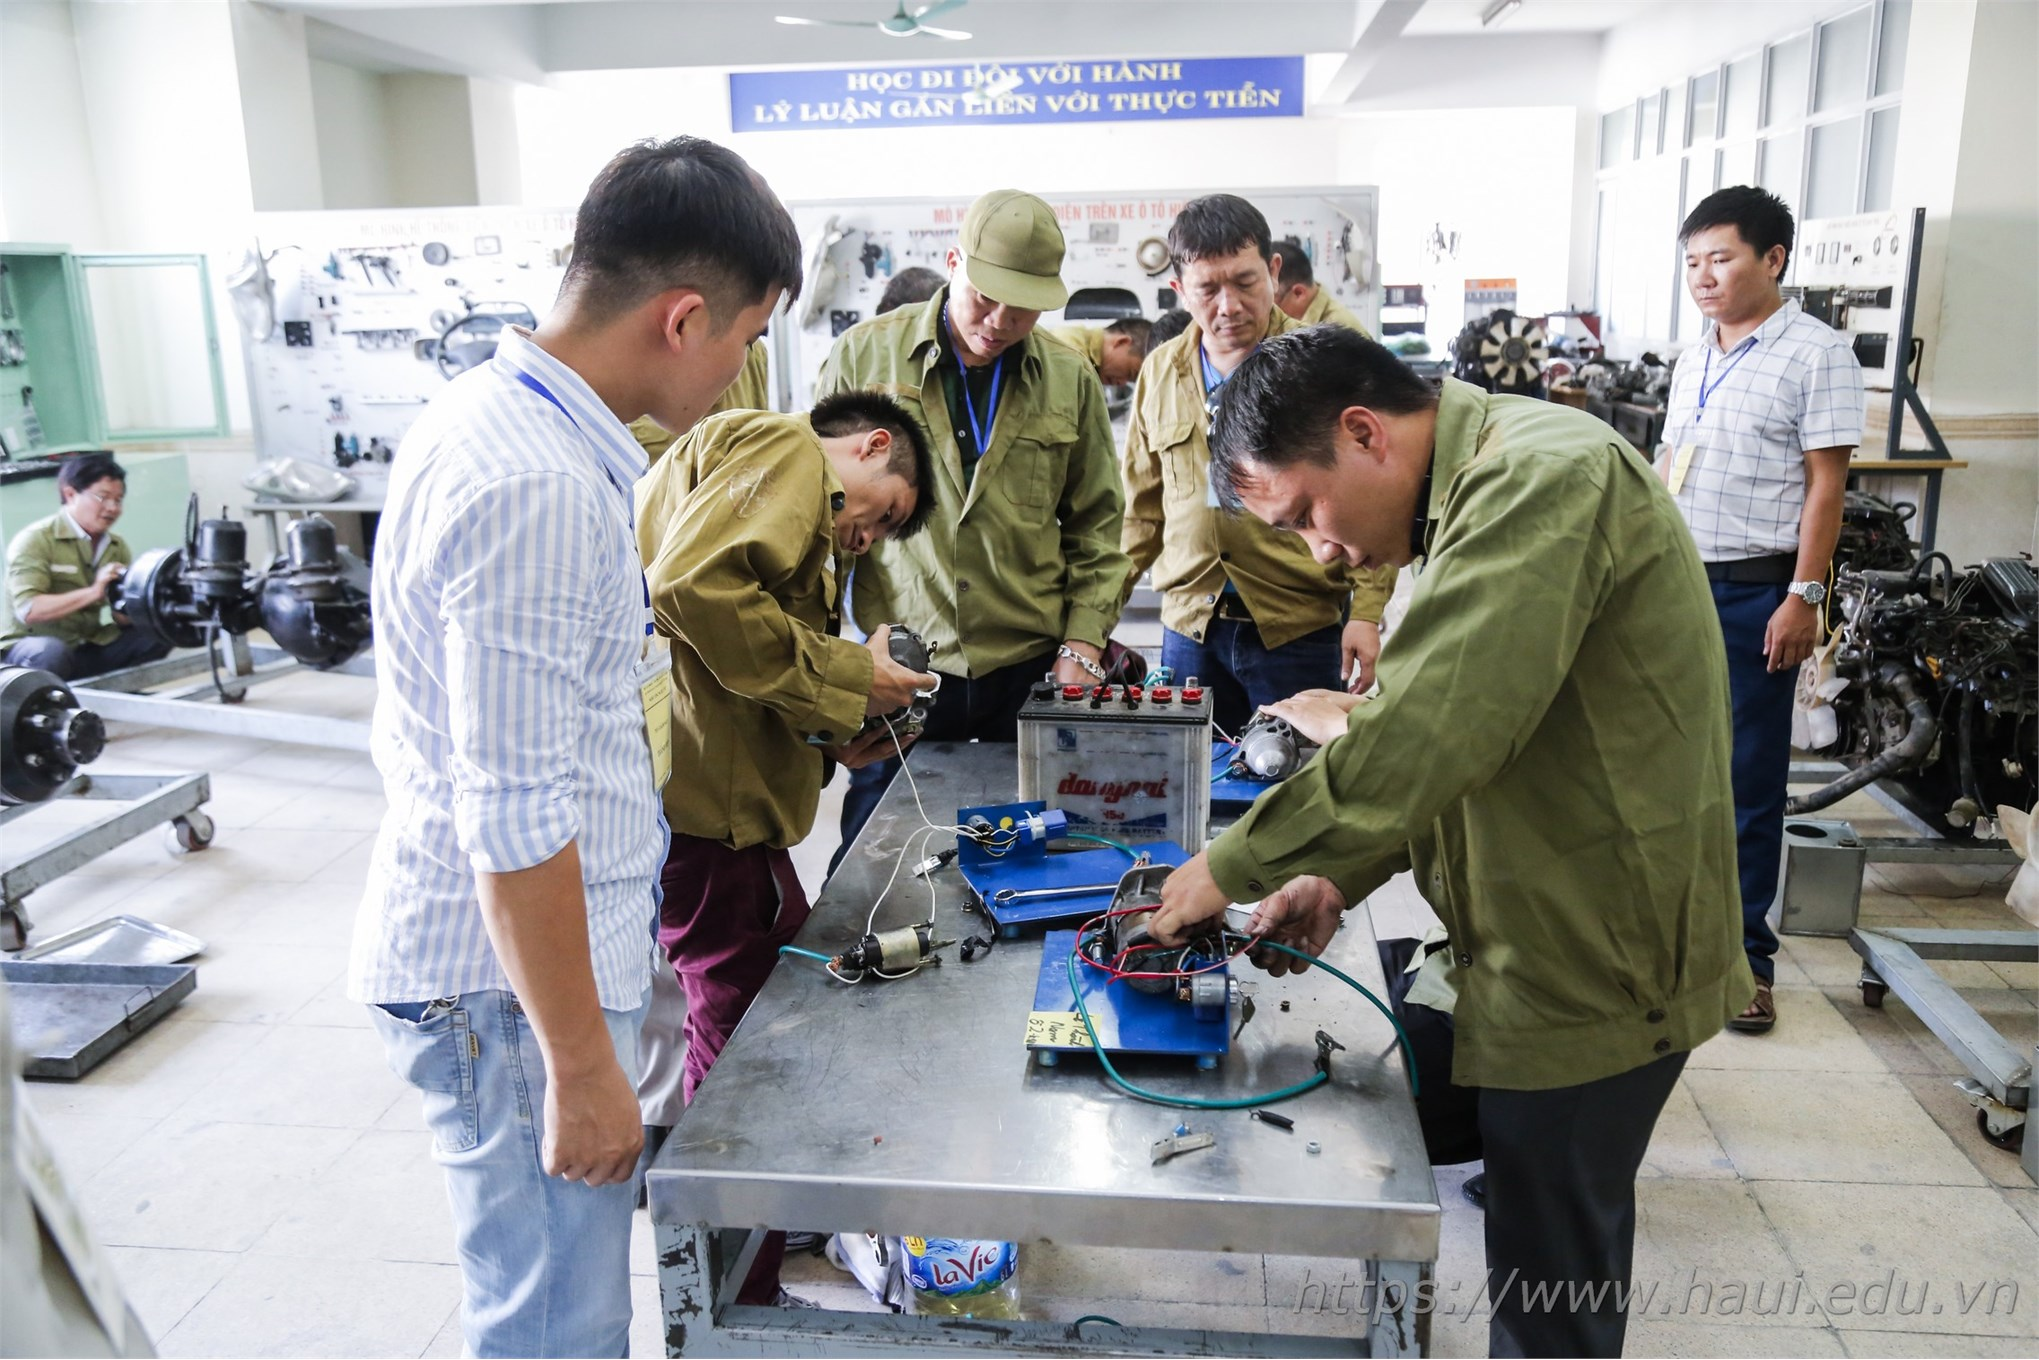 thí sinh thực hiện phần thi thực hành nghề công nghệ ô tô